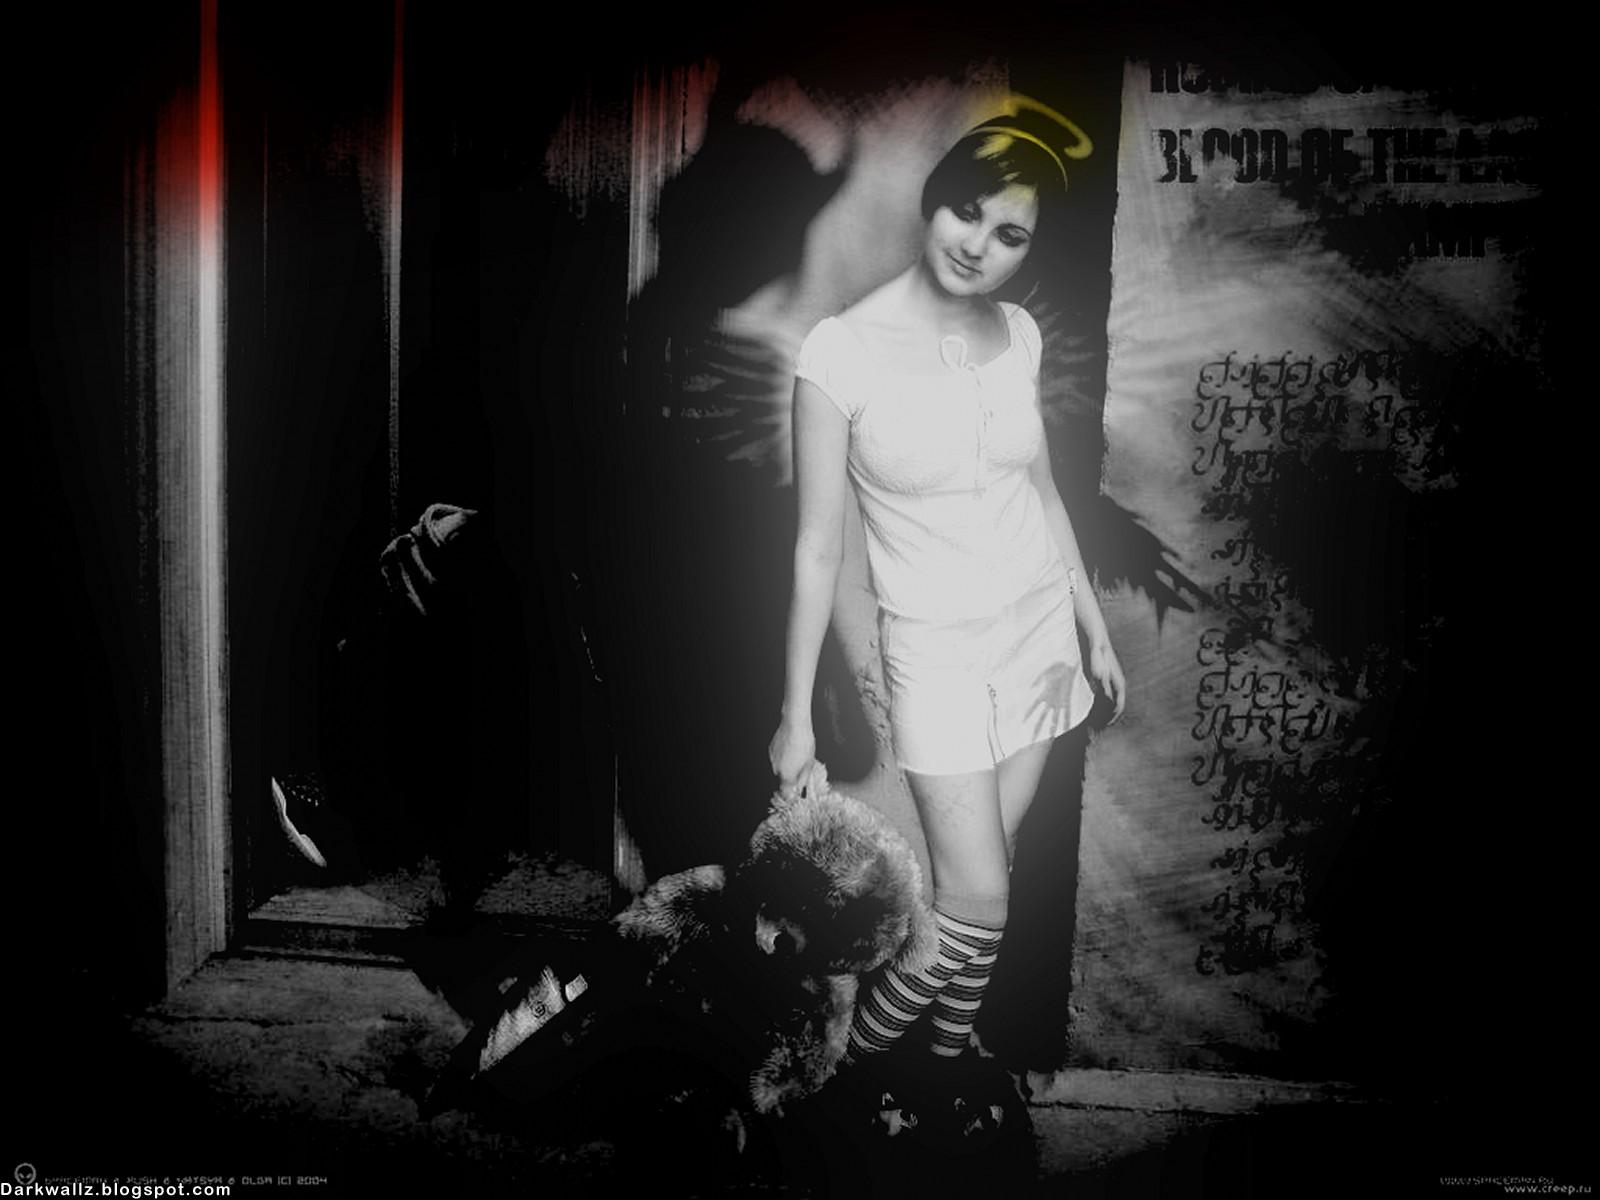 Dark Girls Wallpapers 08| Dark Wallpaper Download